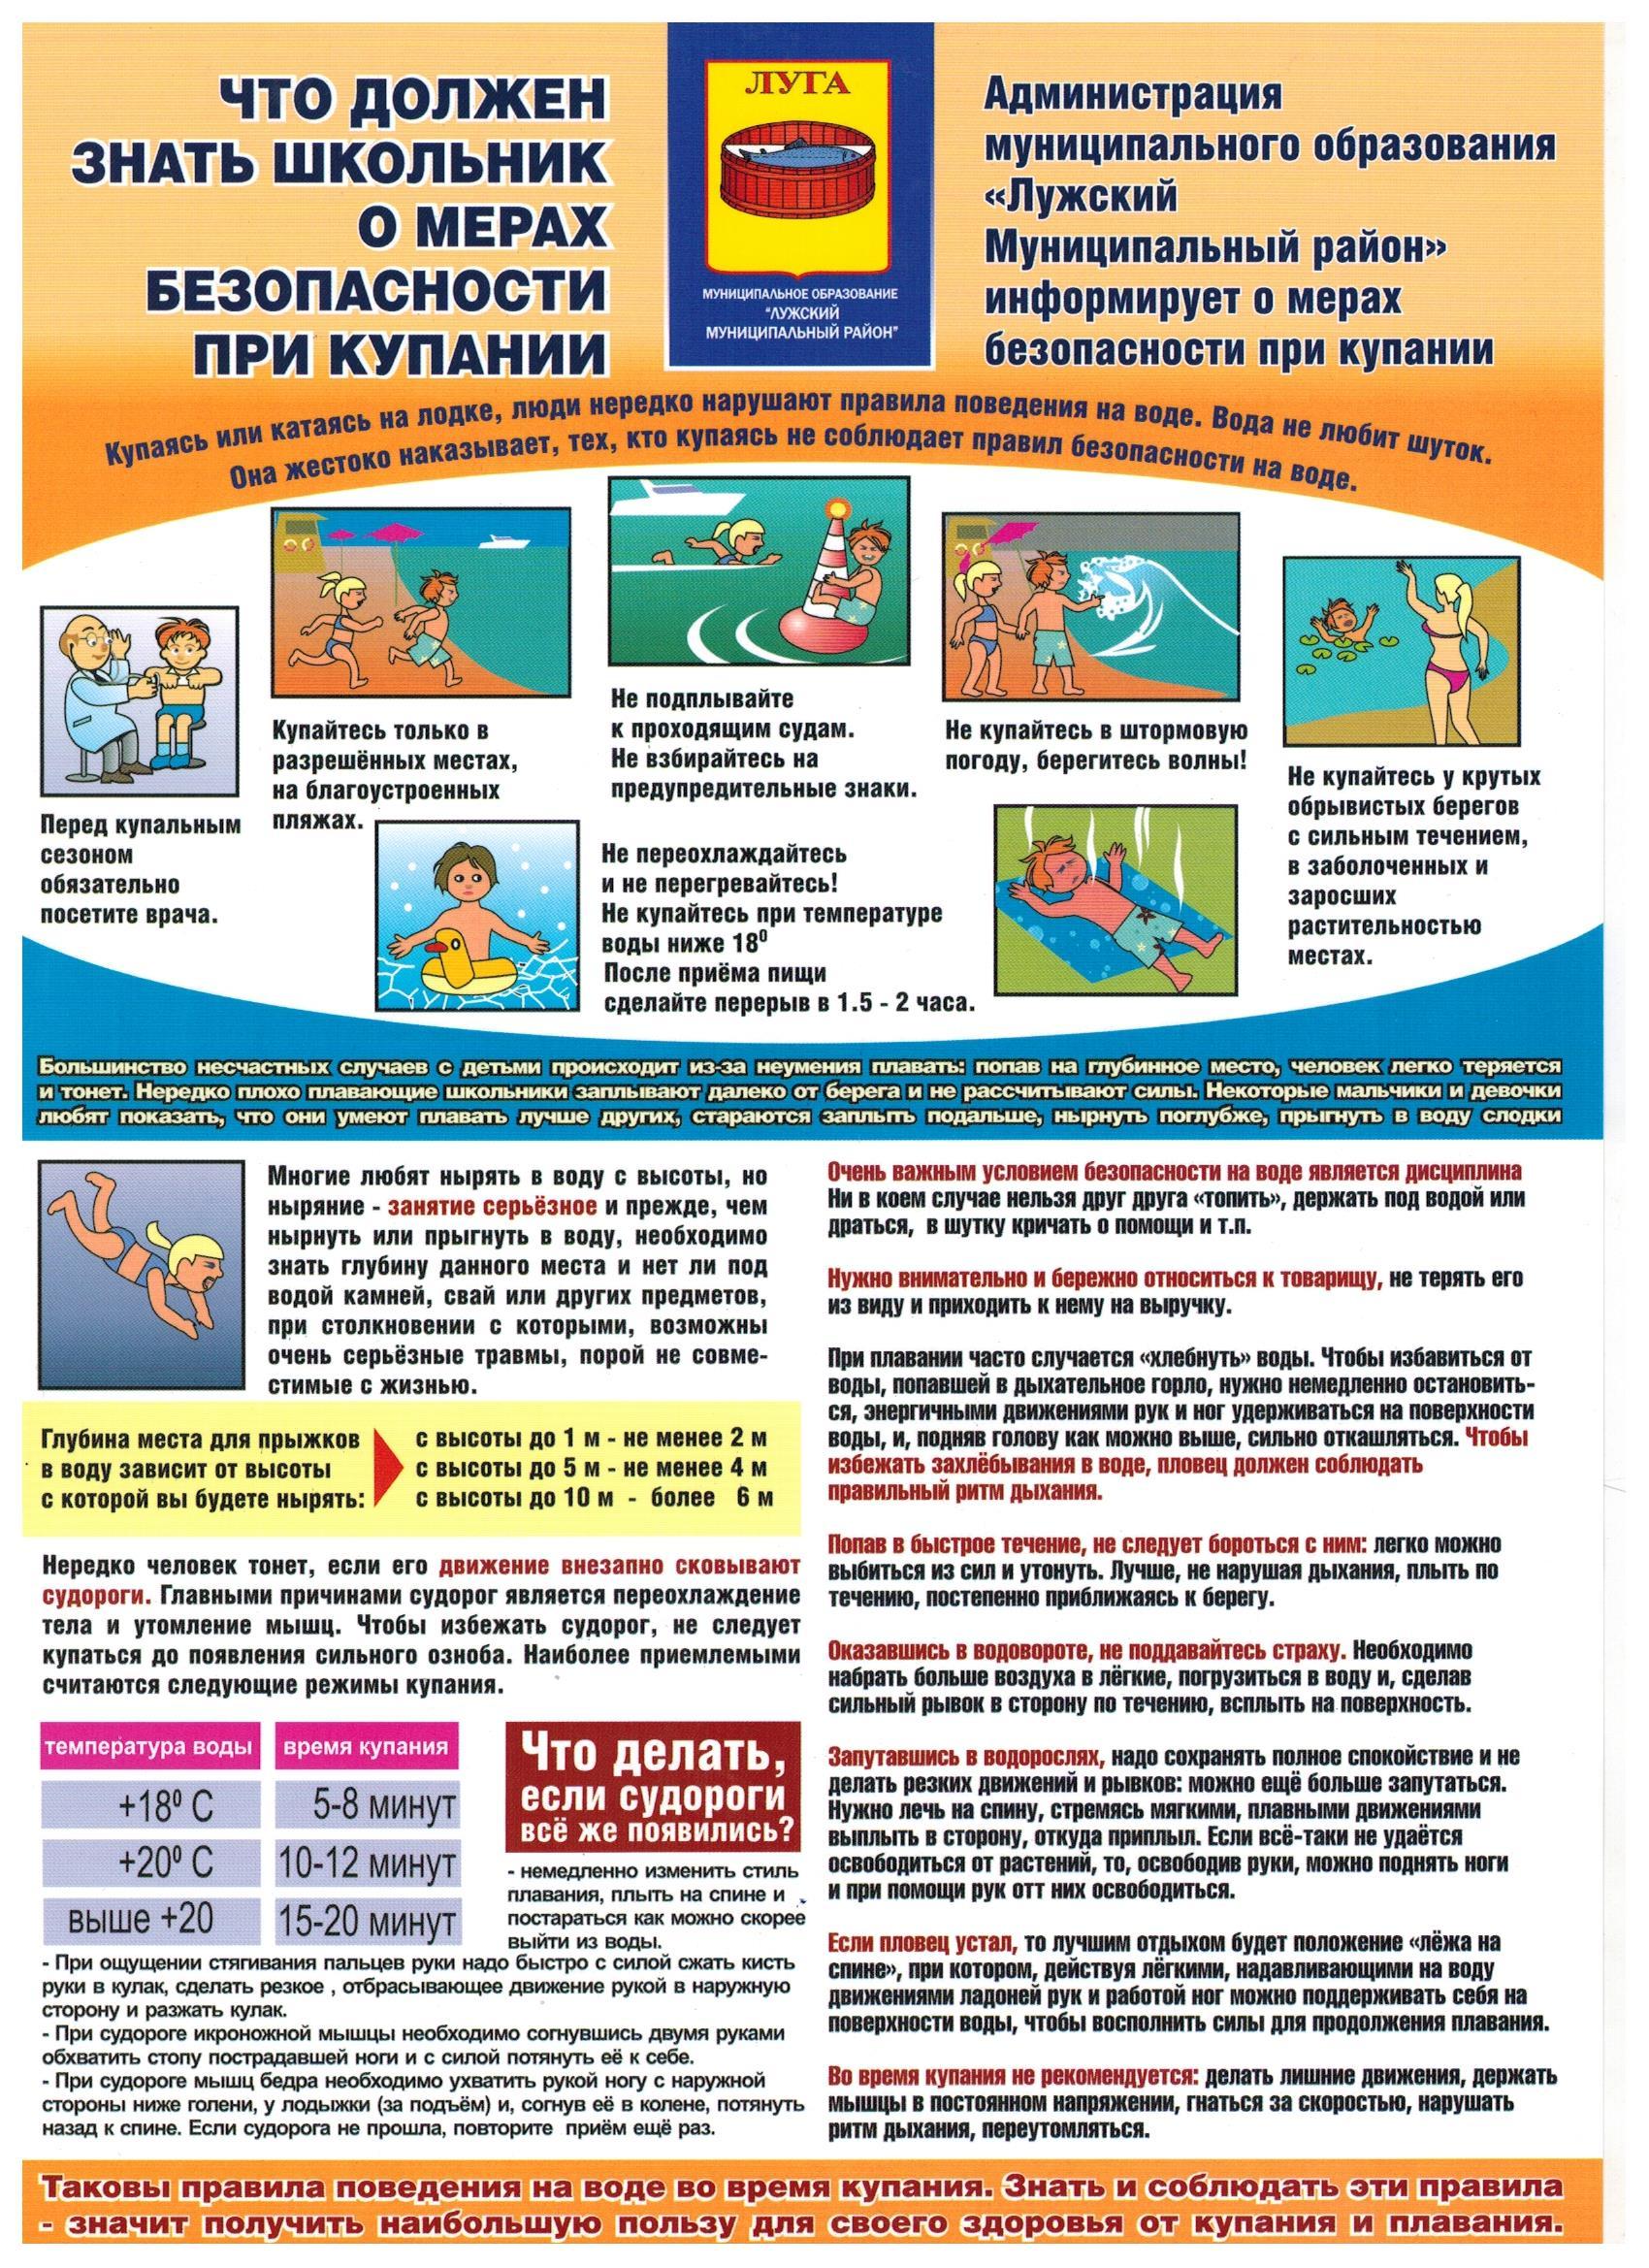 Памятка о купании